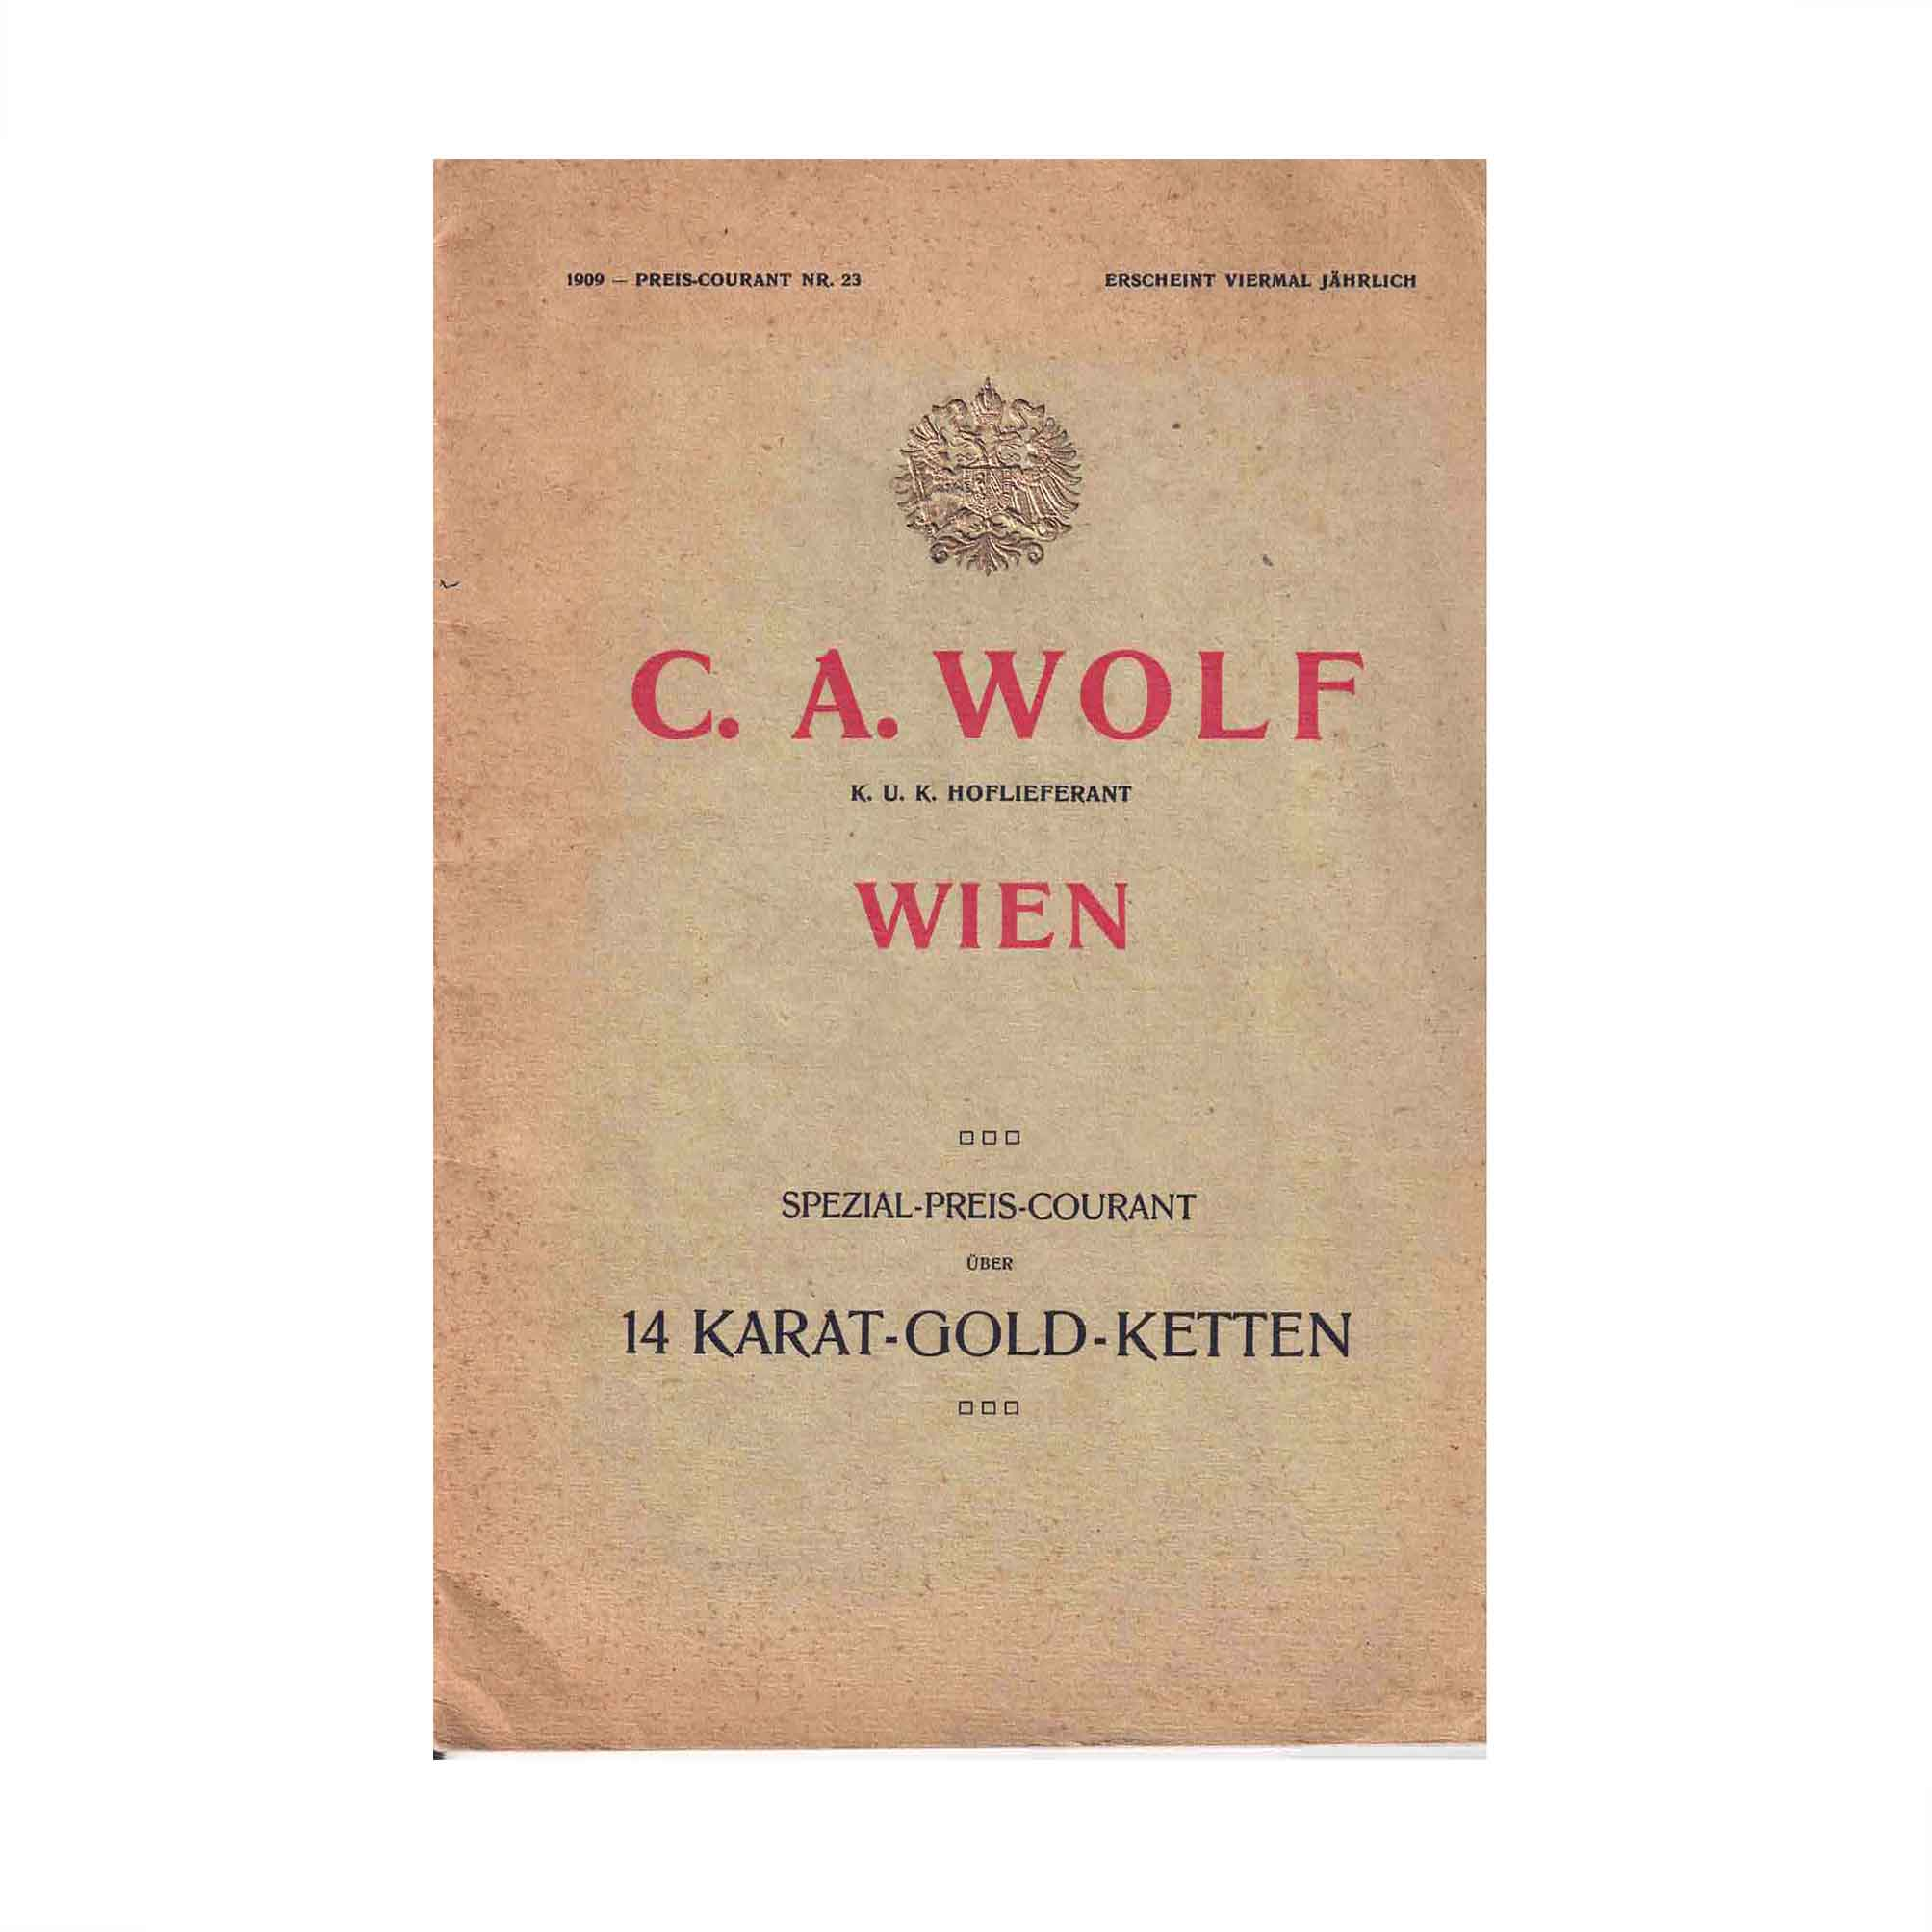 5667-Wolf-Goldketten-Katalog-1909-Umschlag-N.jpg